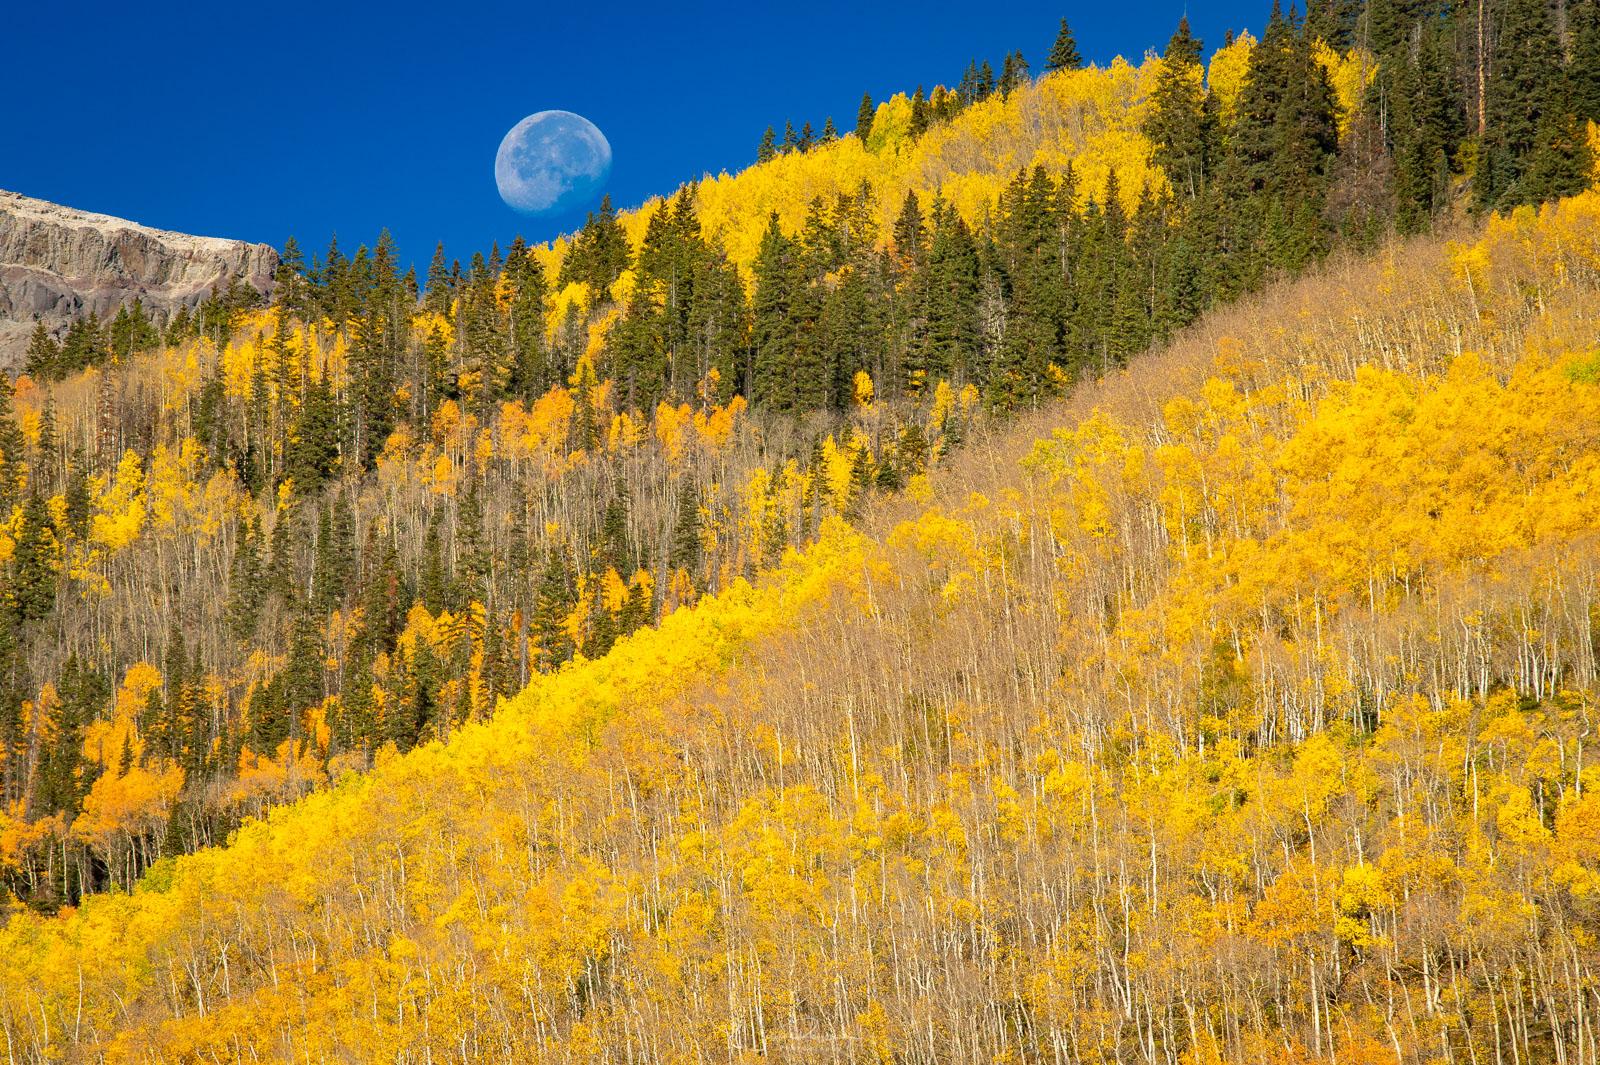 Moonset over aspen covered hillsides.